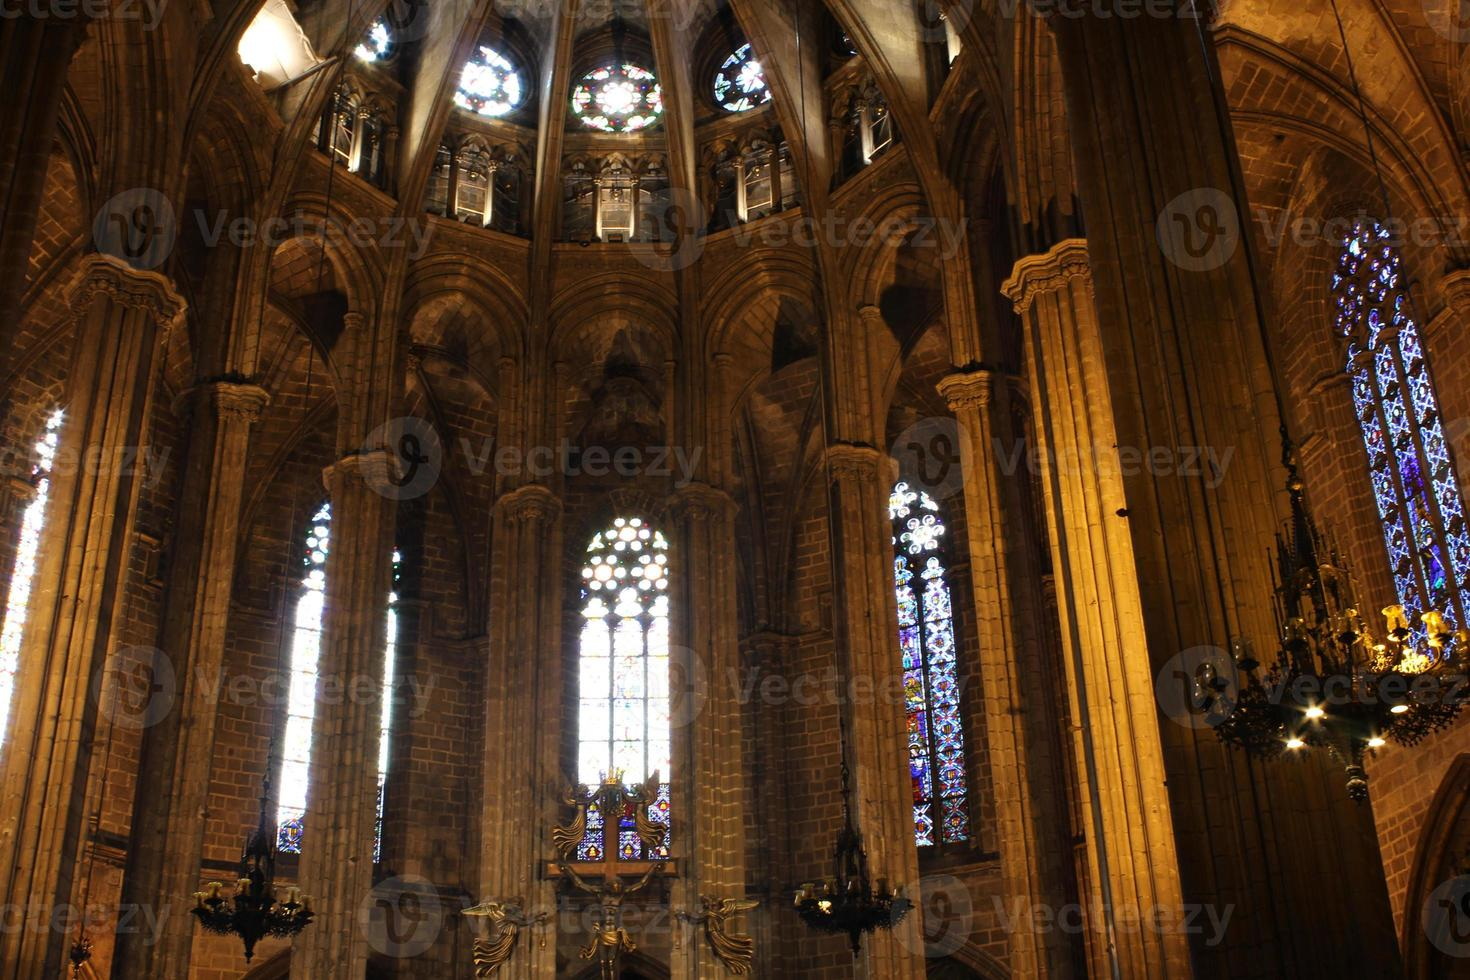 katedralen för det heliga korset och helgonet Eulalia, Barcelona, Spanien foto